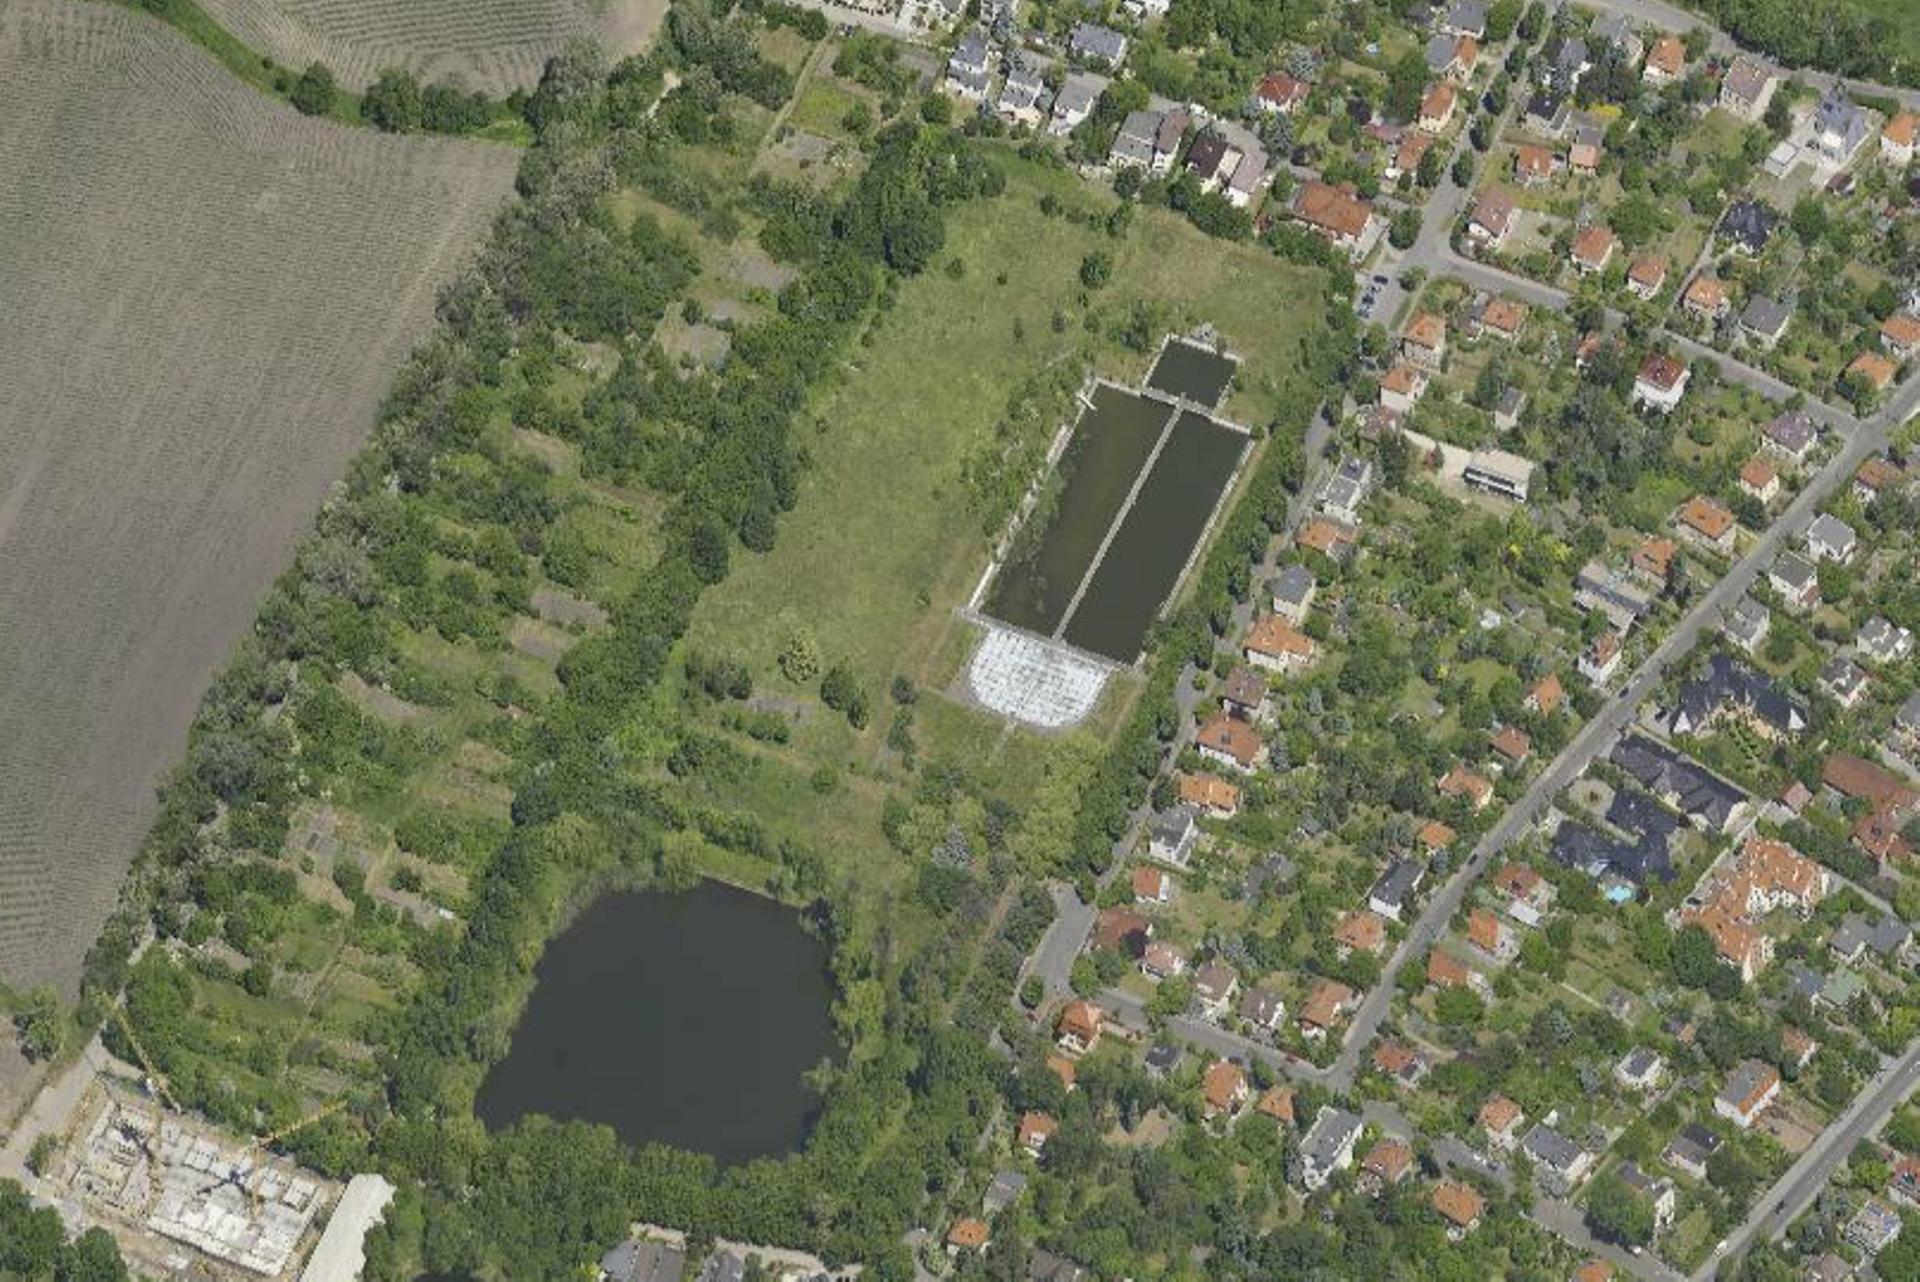 Wrocław: Kąpielisko na terenie dawnej cegielni na Oporowie zmieni oblicze. Powstaje koncepcja